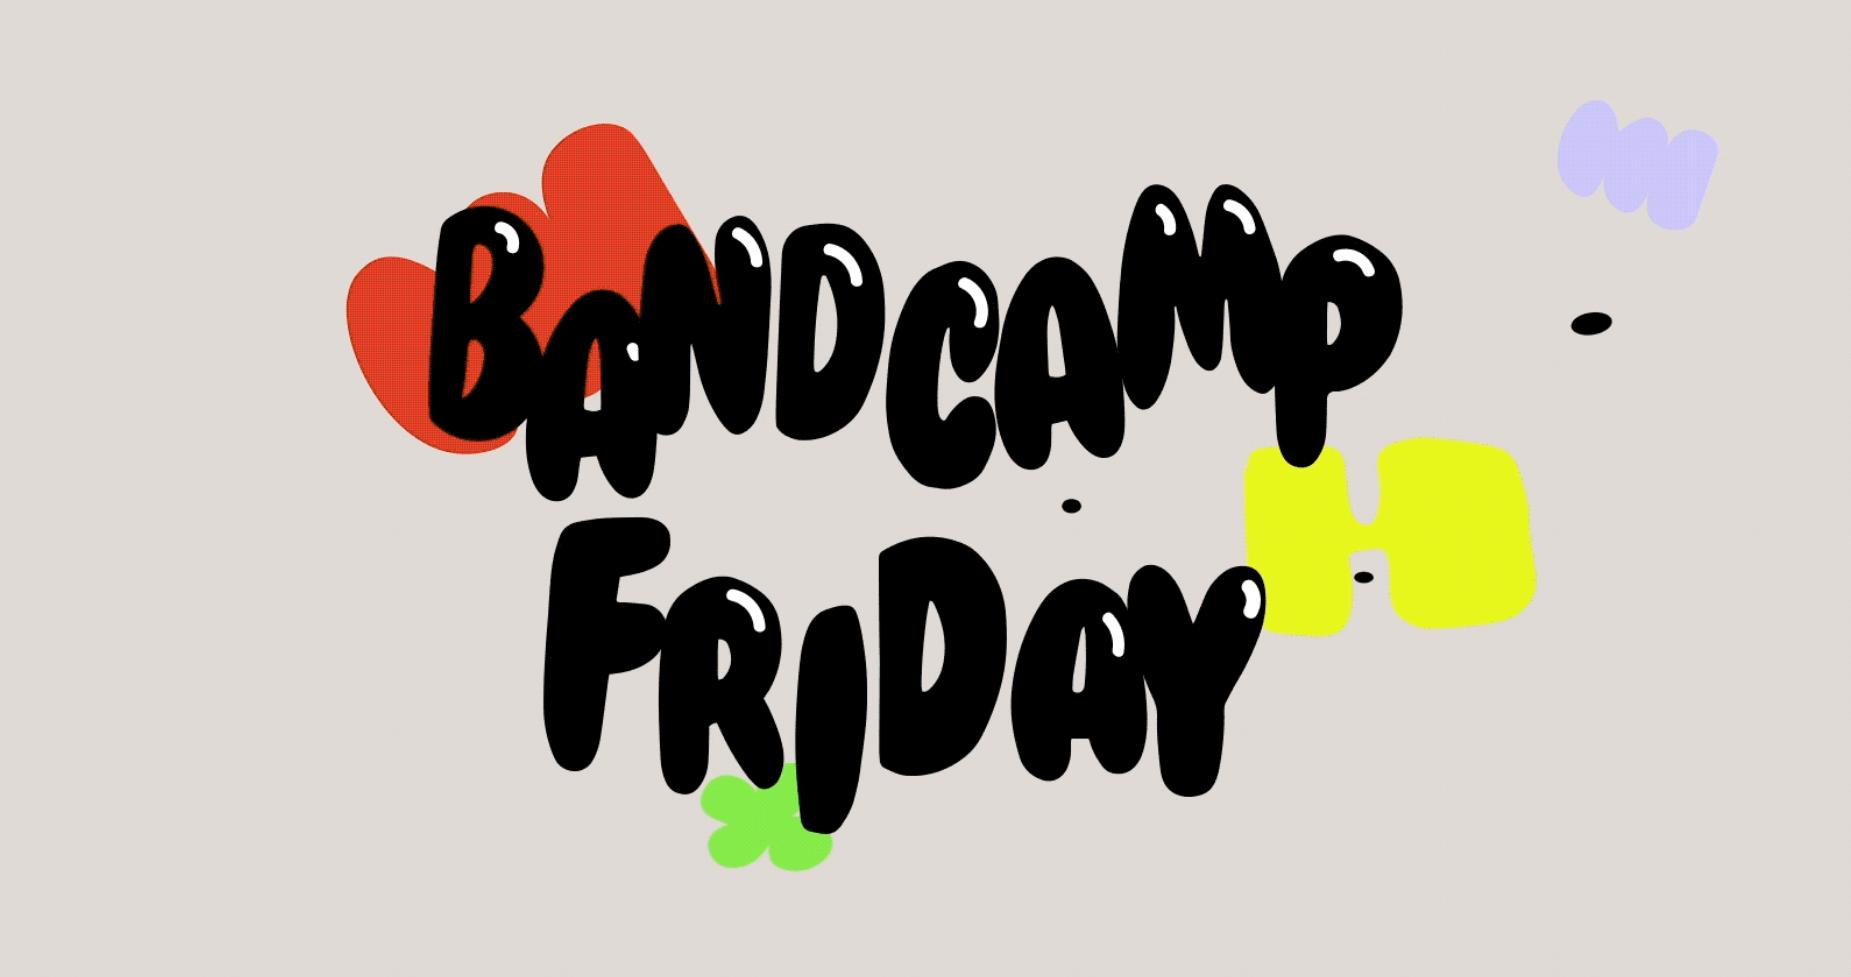 strøm bandcamp friday